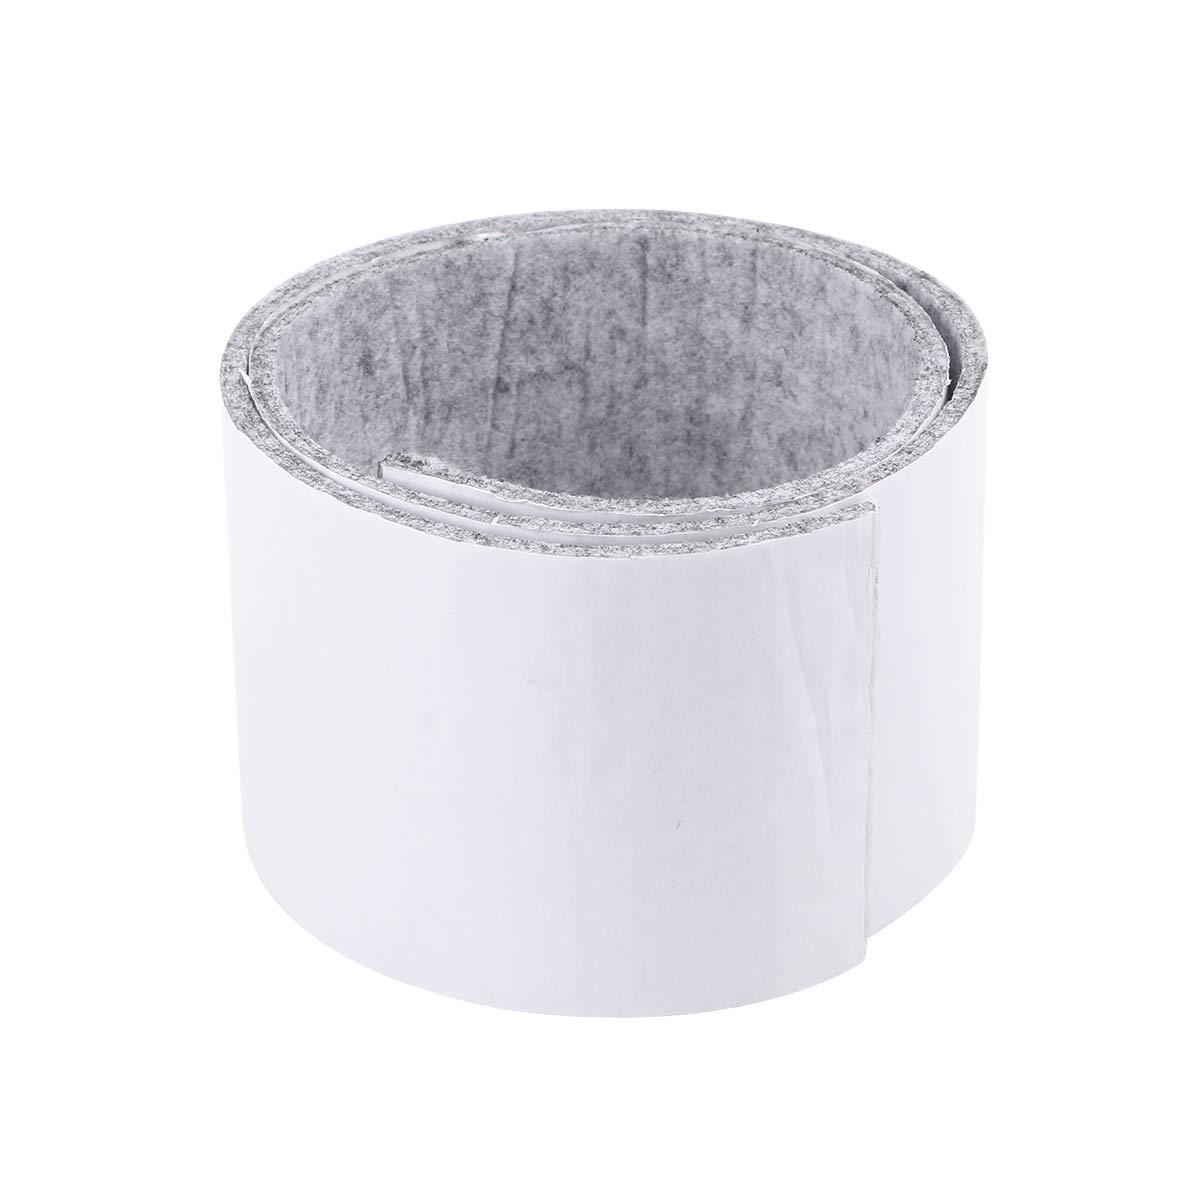 Clispeed Nastri di feltro rettangolari Nastri di feltro antiscivolo Taglio di strisce di feltro per piedi di mobili Protezione di pavimenti di latifoglie (grigio chiaro) - 100x10cm